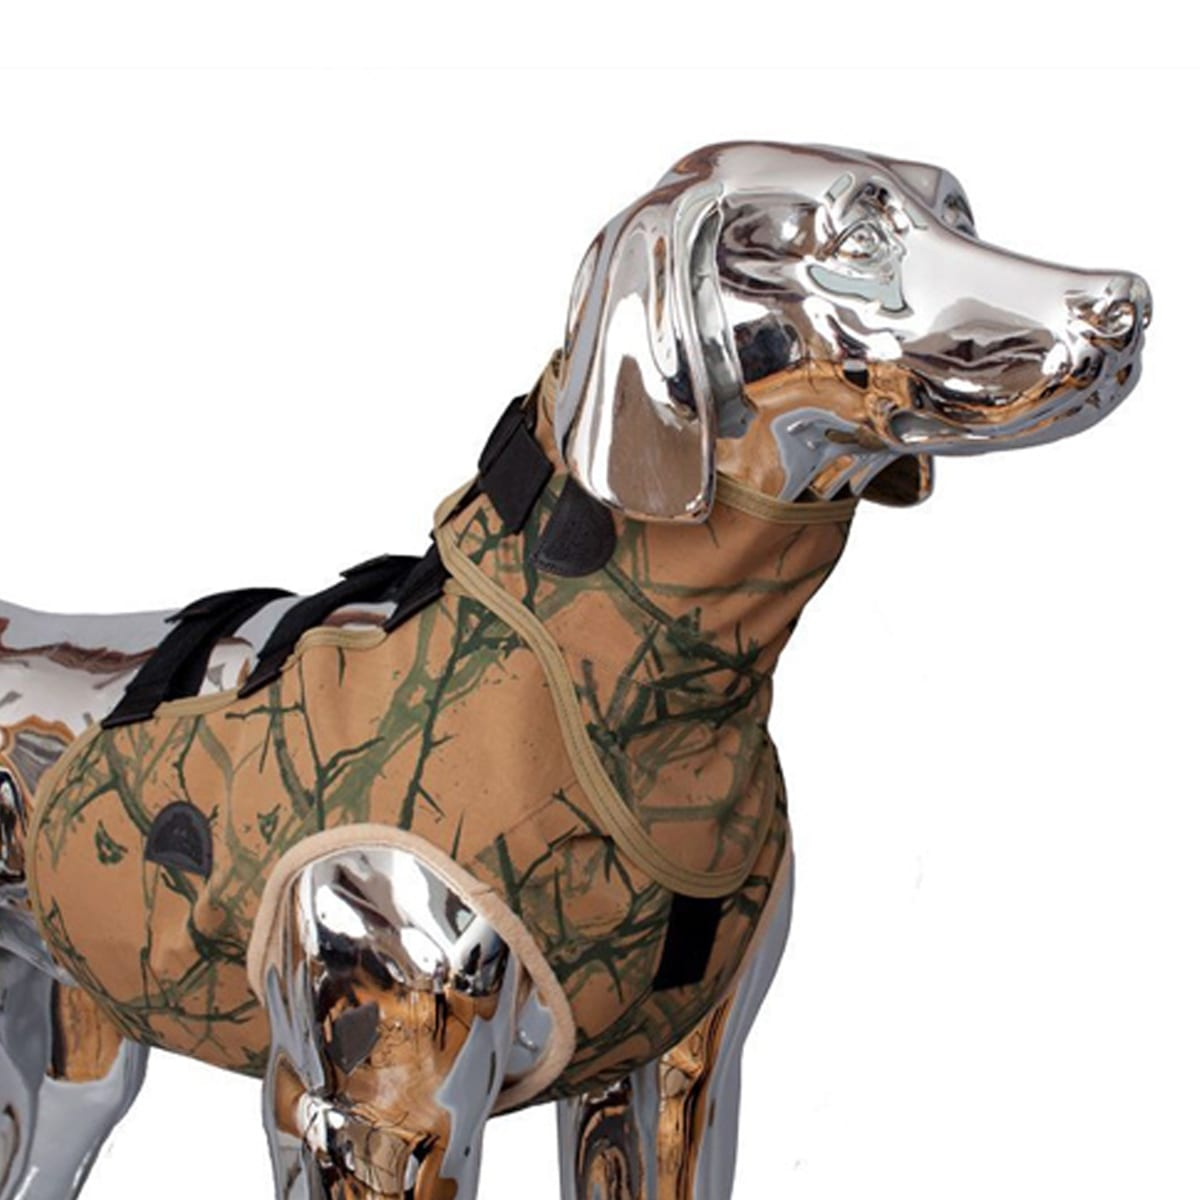 SnakeArmor Camo Dog Neck Protection